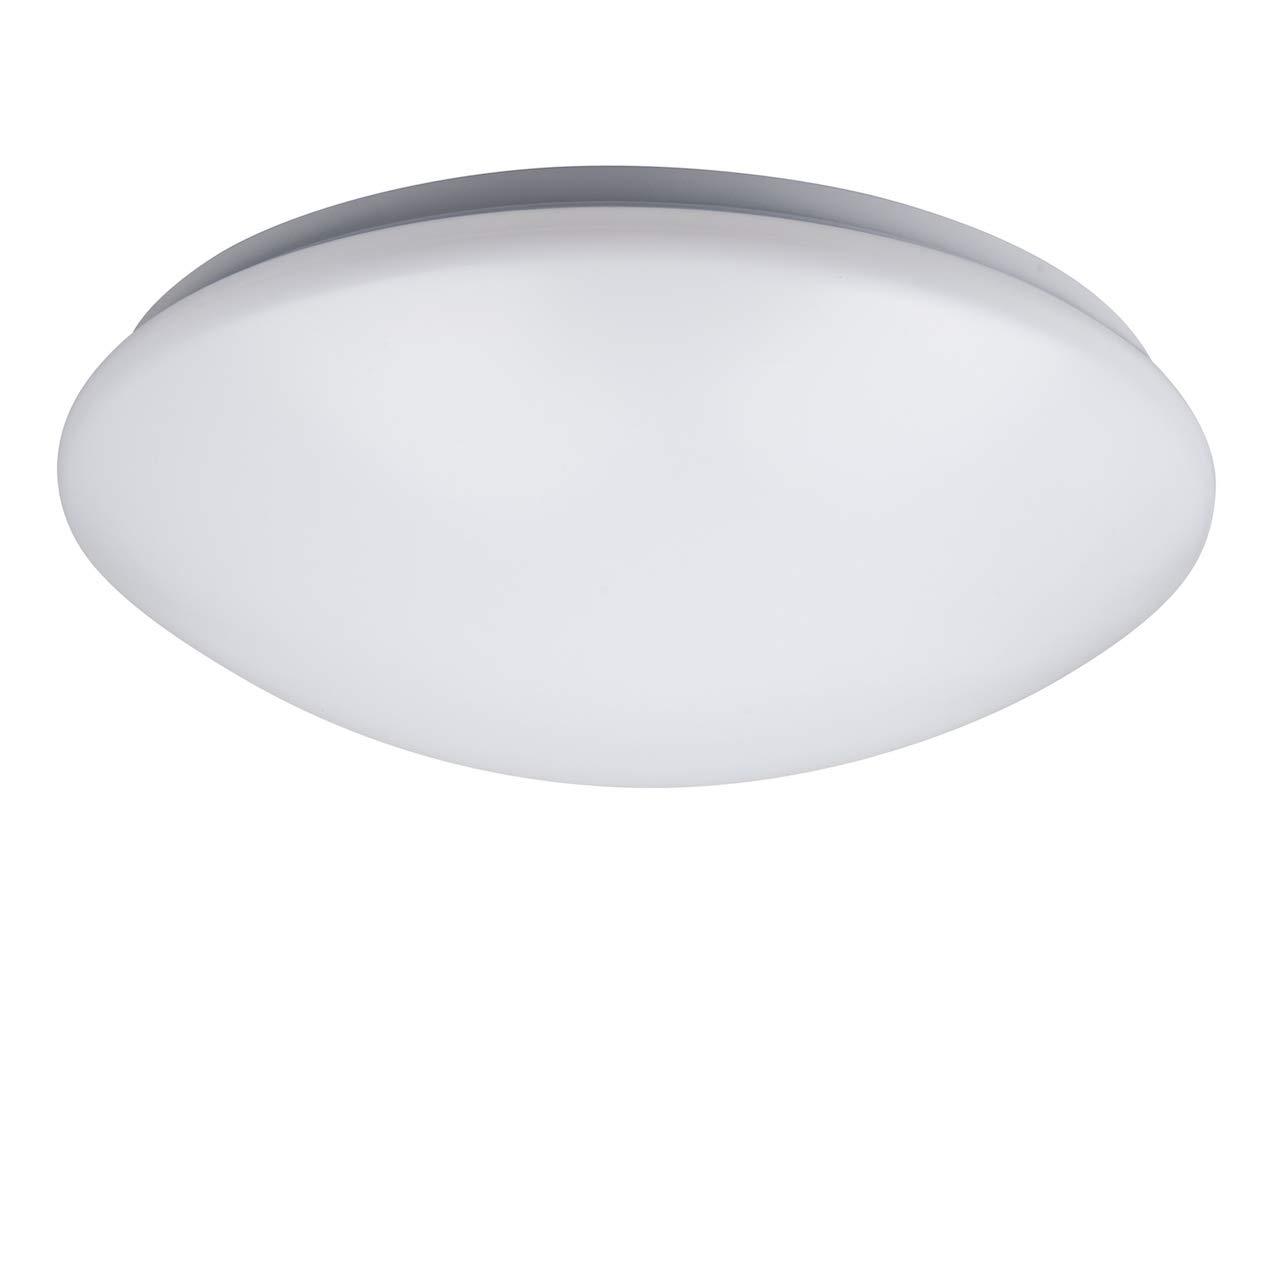 LED Kitchen Lighting: Amazon.co.uk